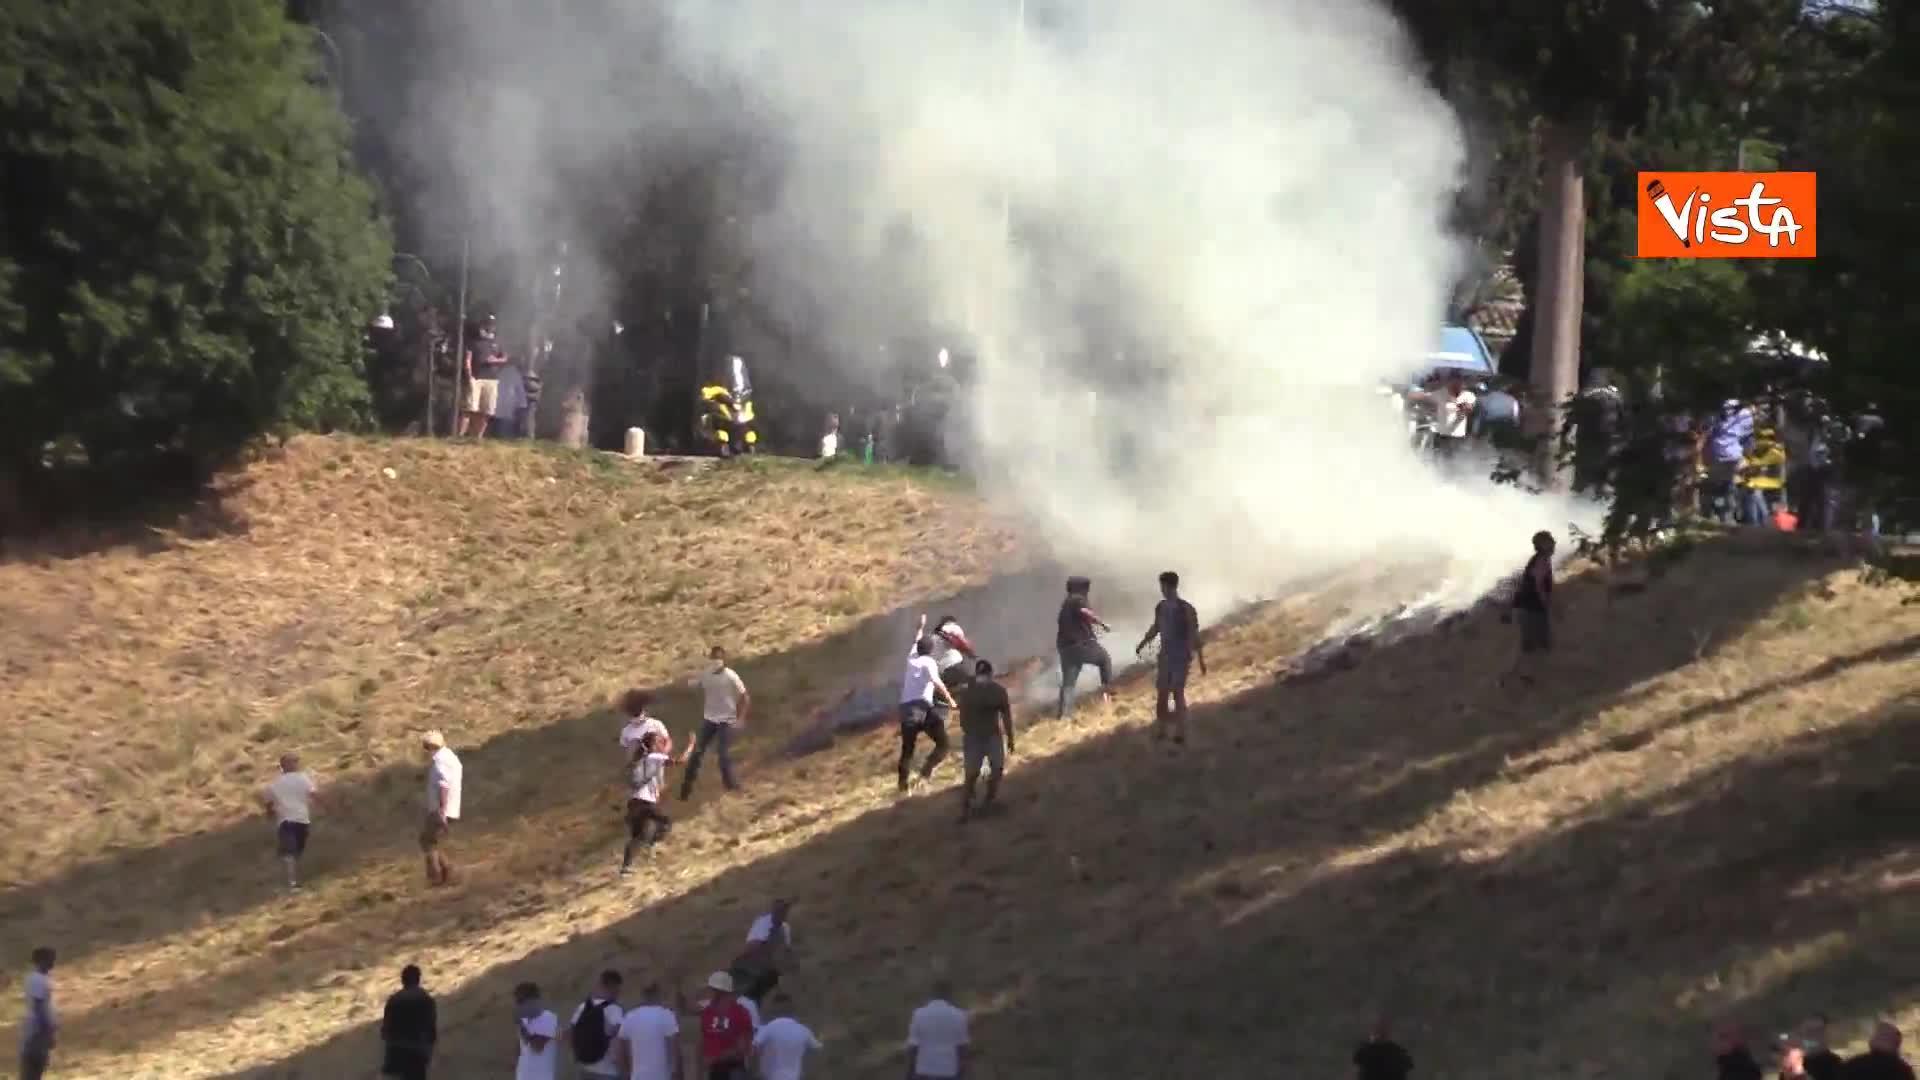 Scoppia incendio al Circo Massimo durante la manifestazione di 'Ragazzi d'Italia'